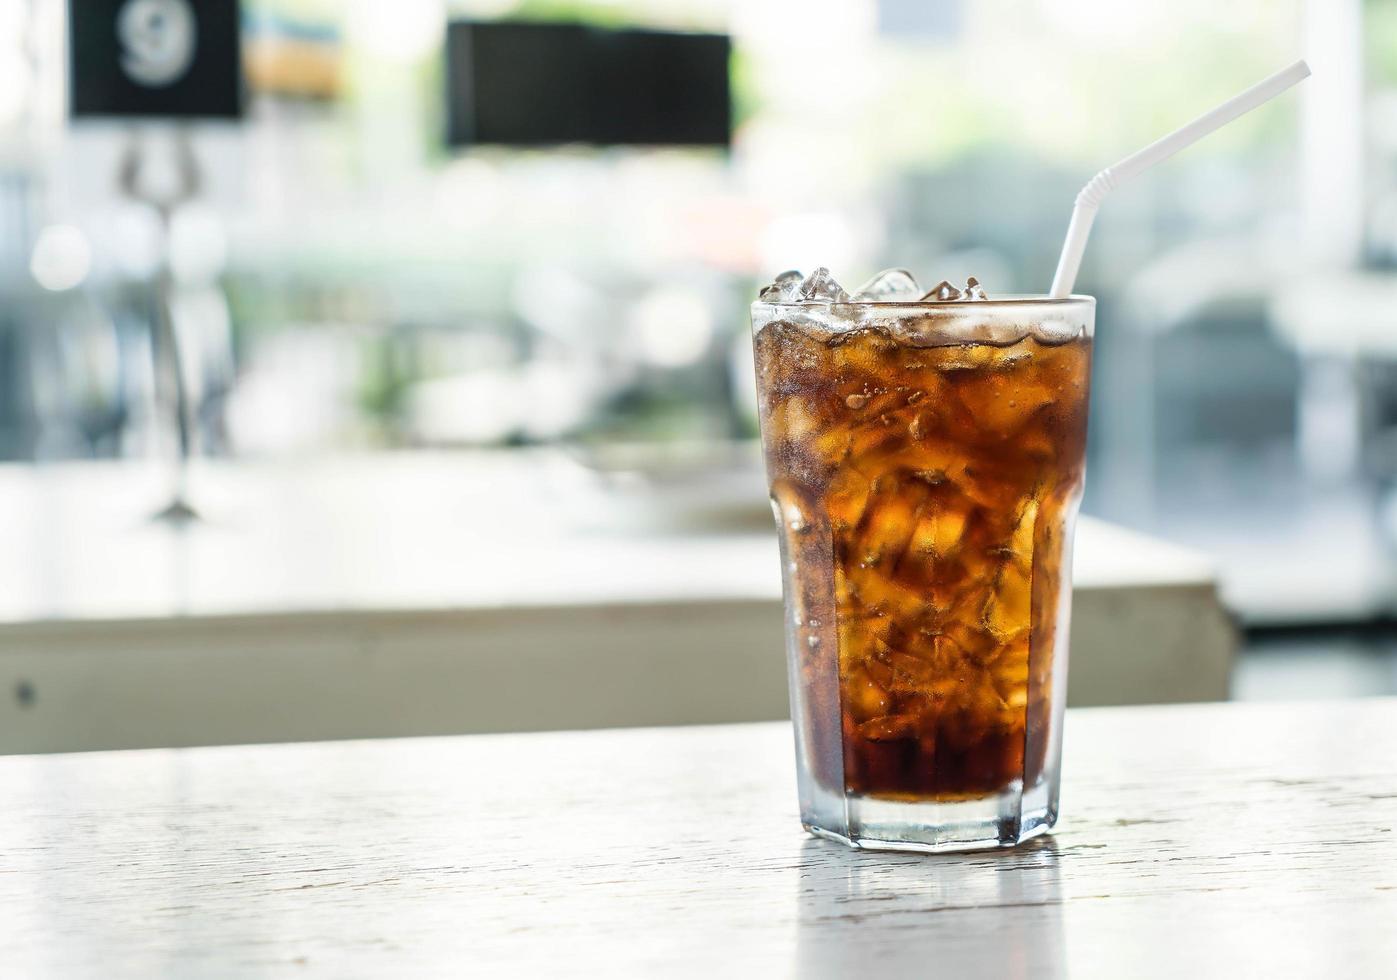 soda glacé sur table photo